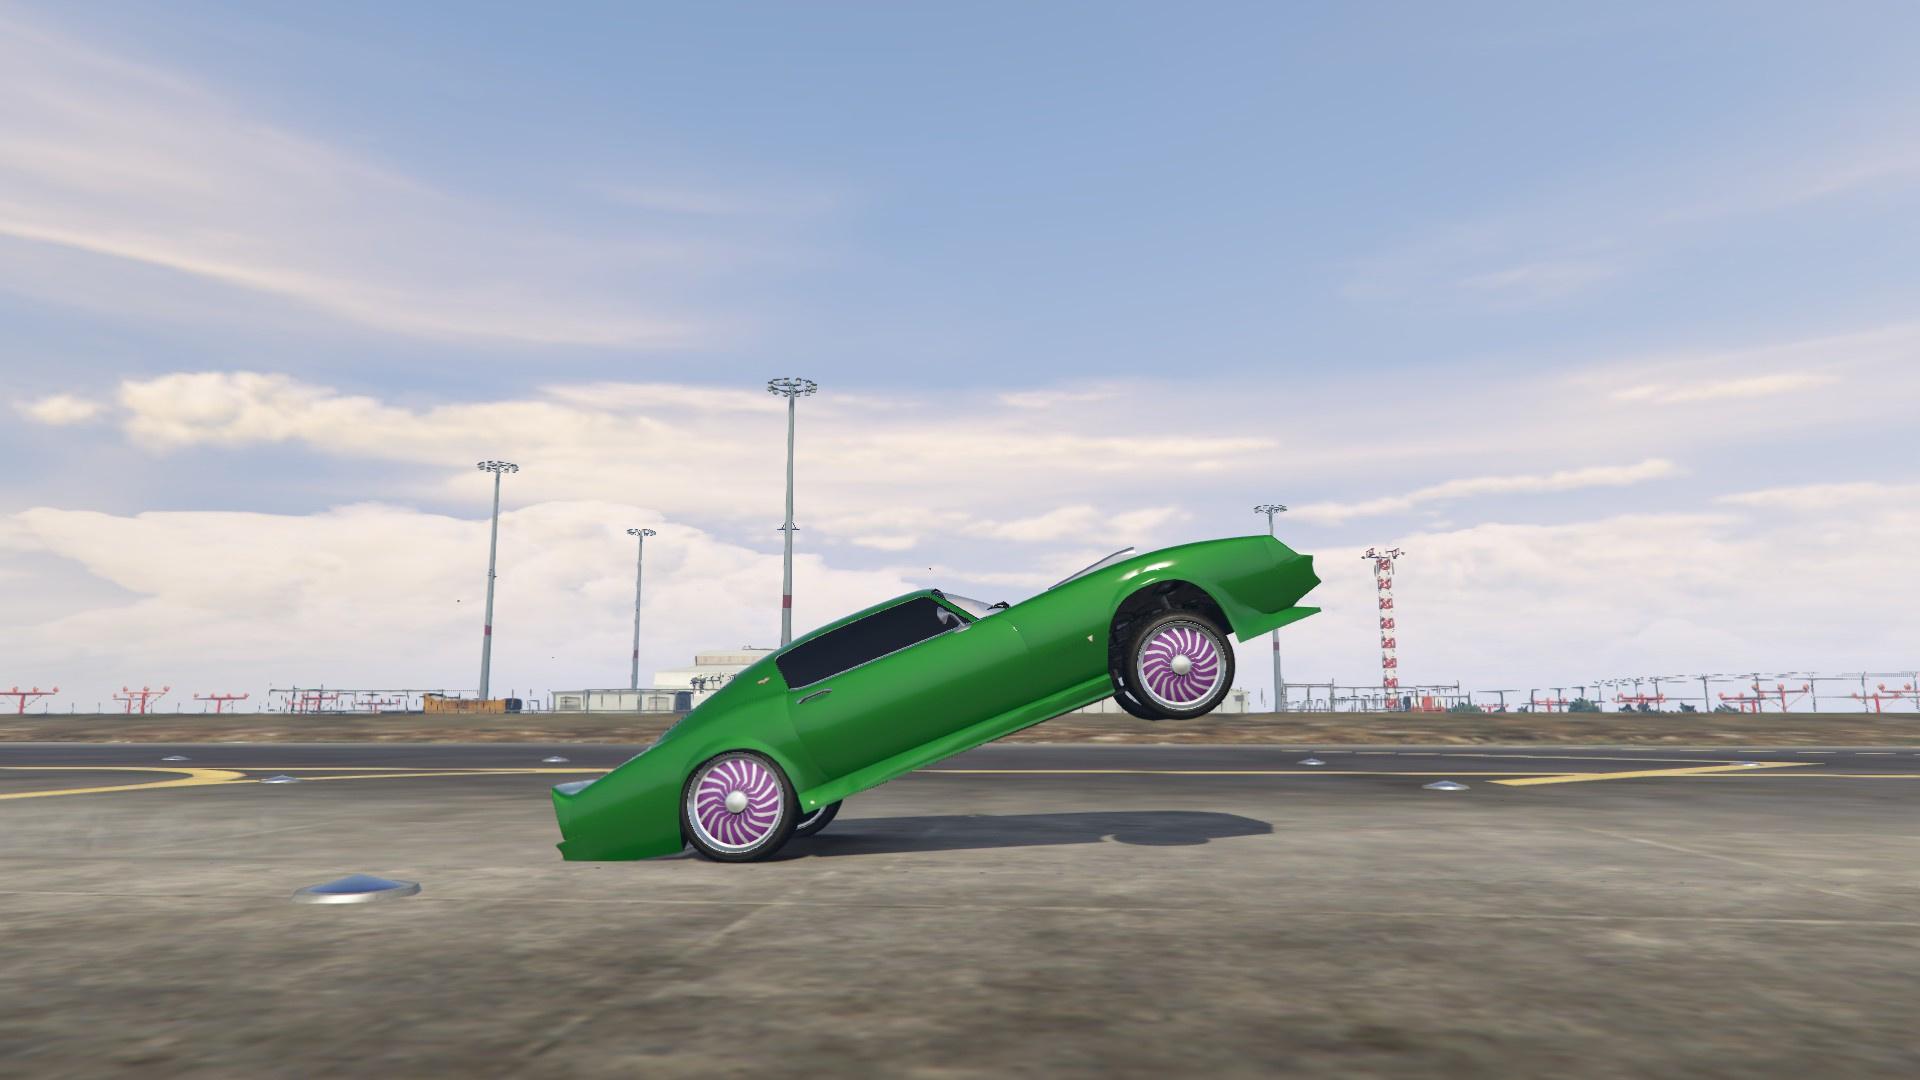 Burnout Wheelie Gta5 Mods Com